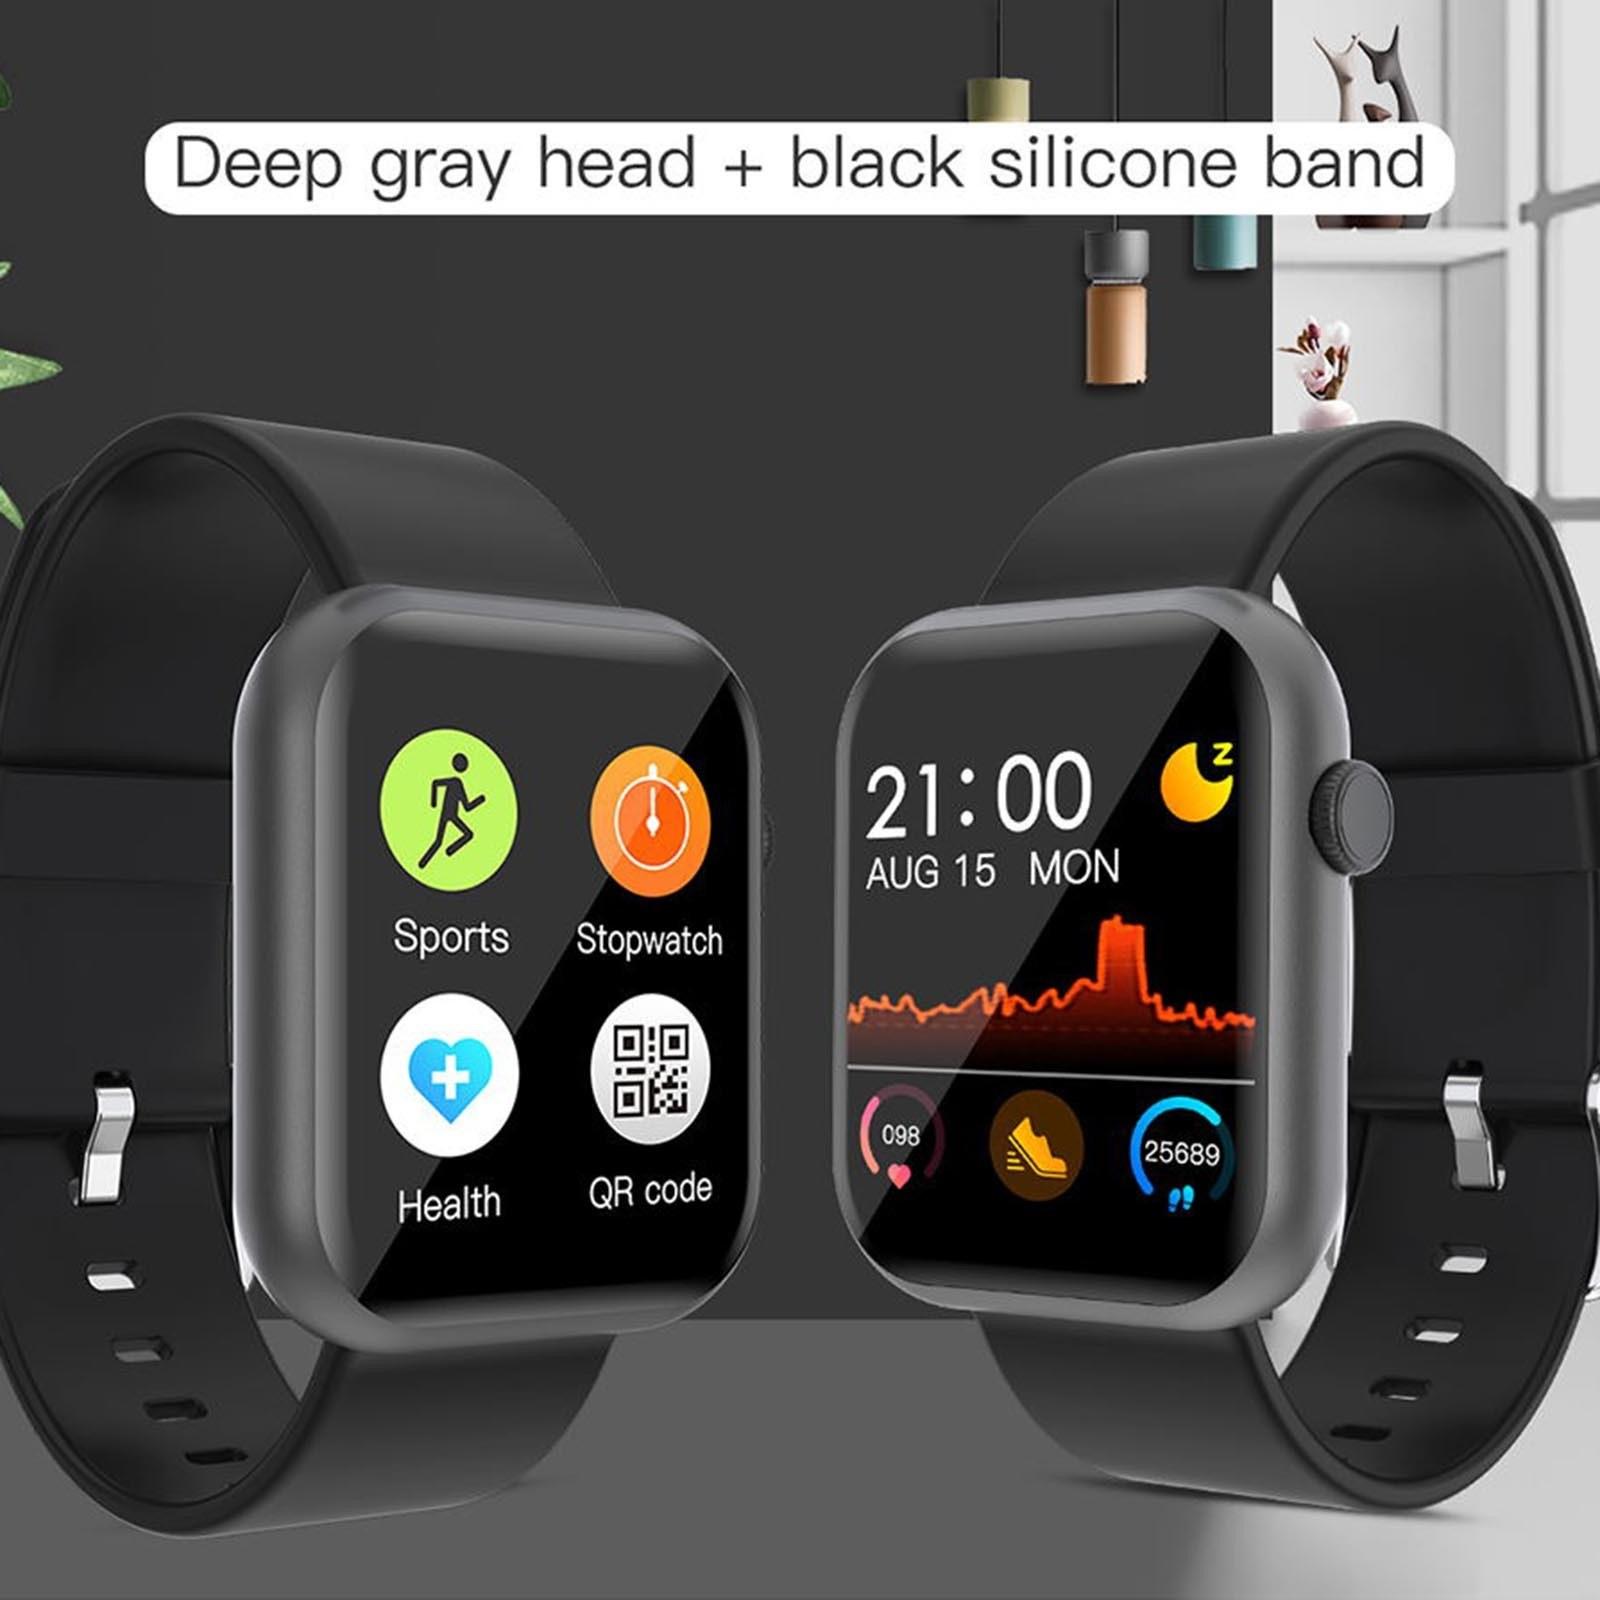 Αποκτήστε με λιγότερο από 20€ το Colmi P9, τον απόλυτο Apple Watch κλώνο μέχρι τα τέλη Ιανουαρίου από το Cafago